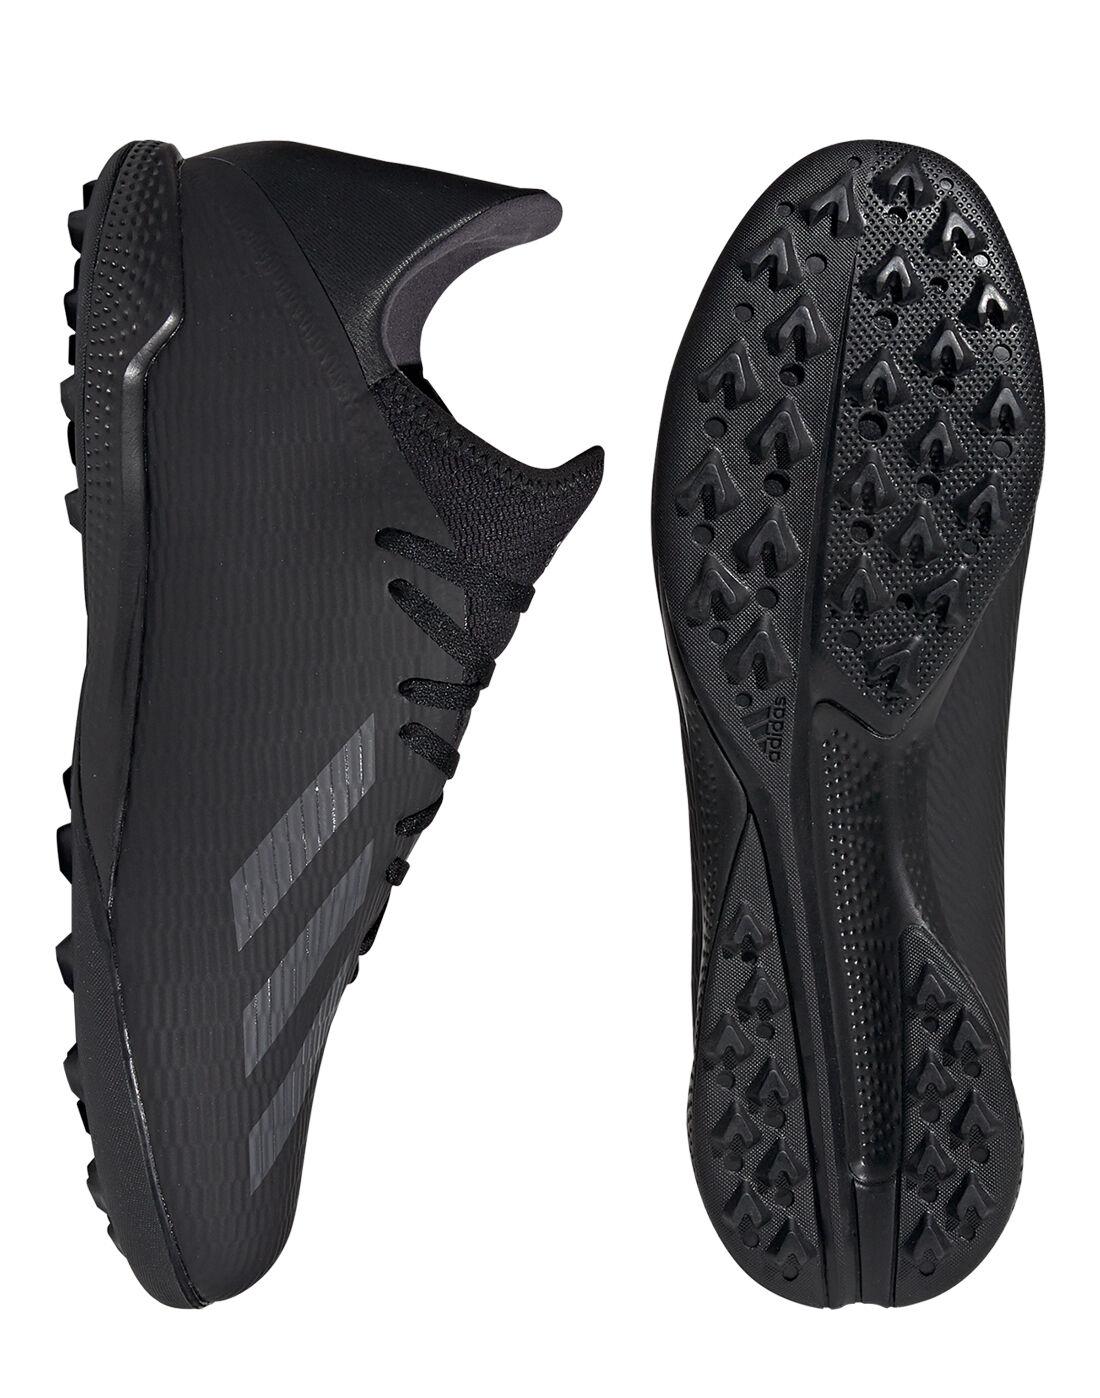 adidas Adult X 19.3 Astro Turf Shadow